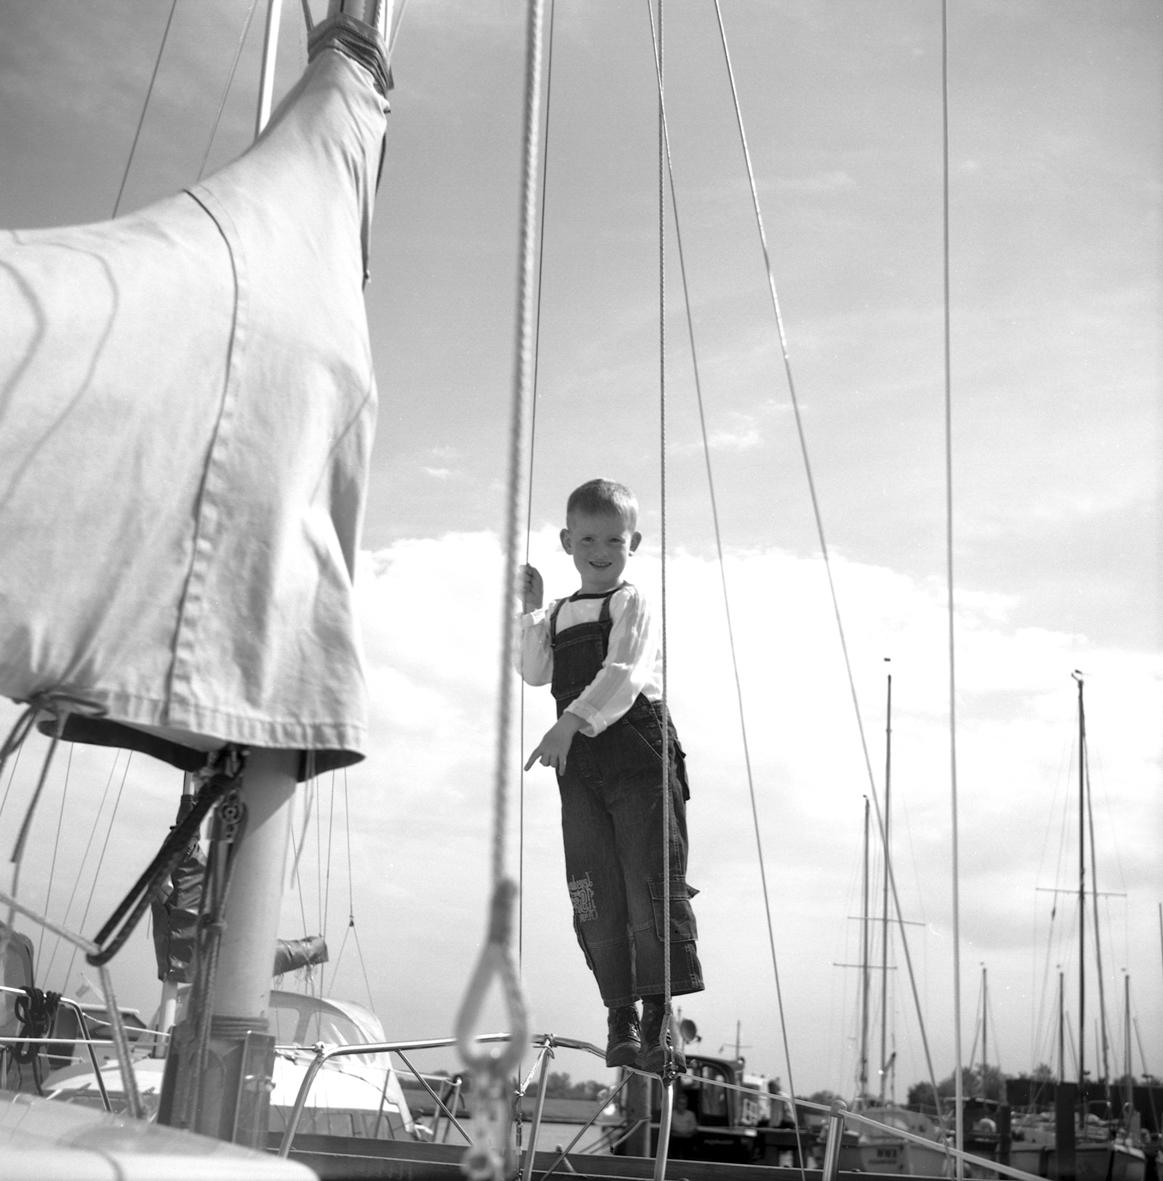 Van boten en een klein jongetje